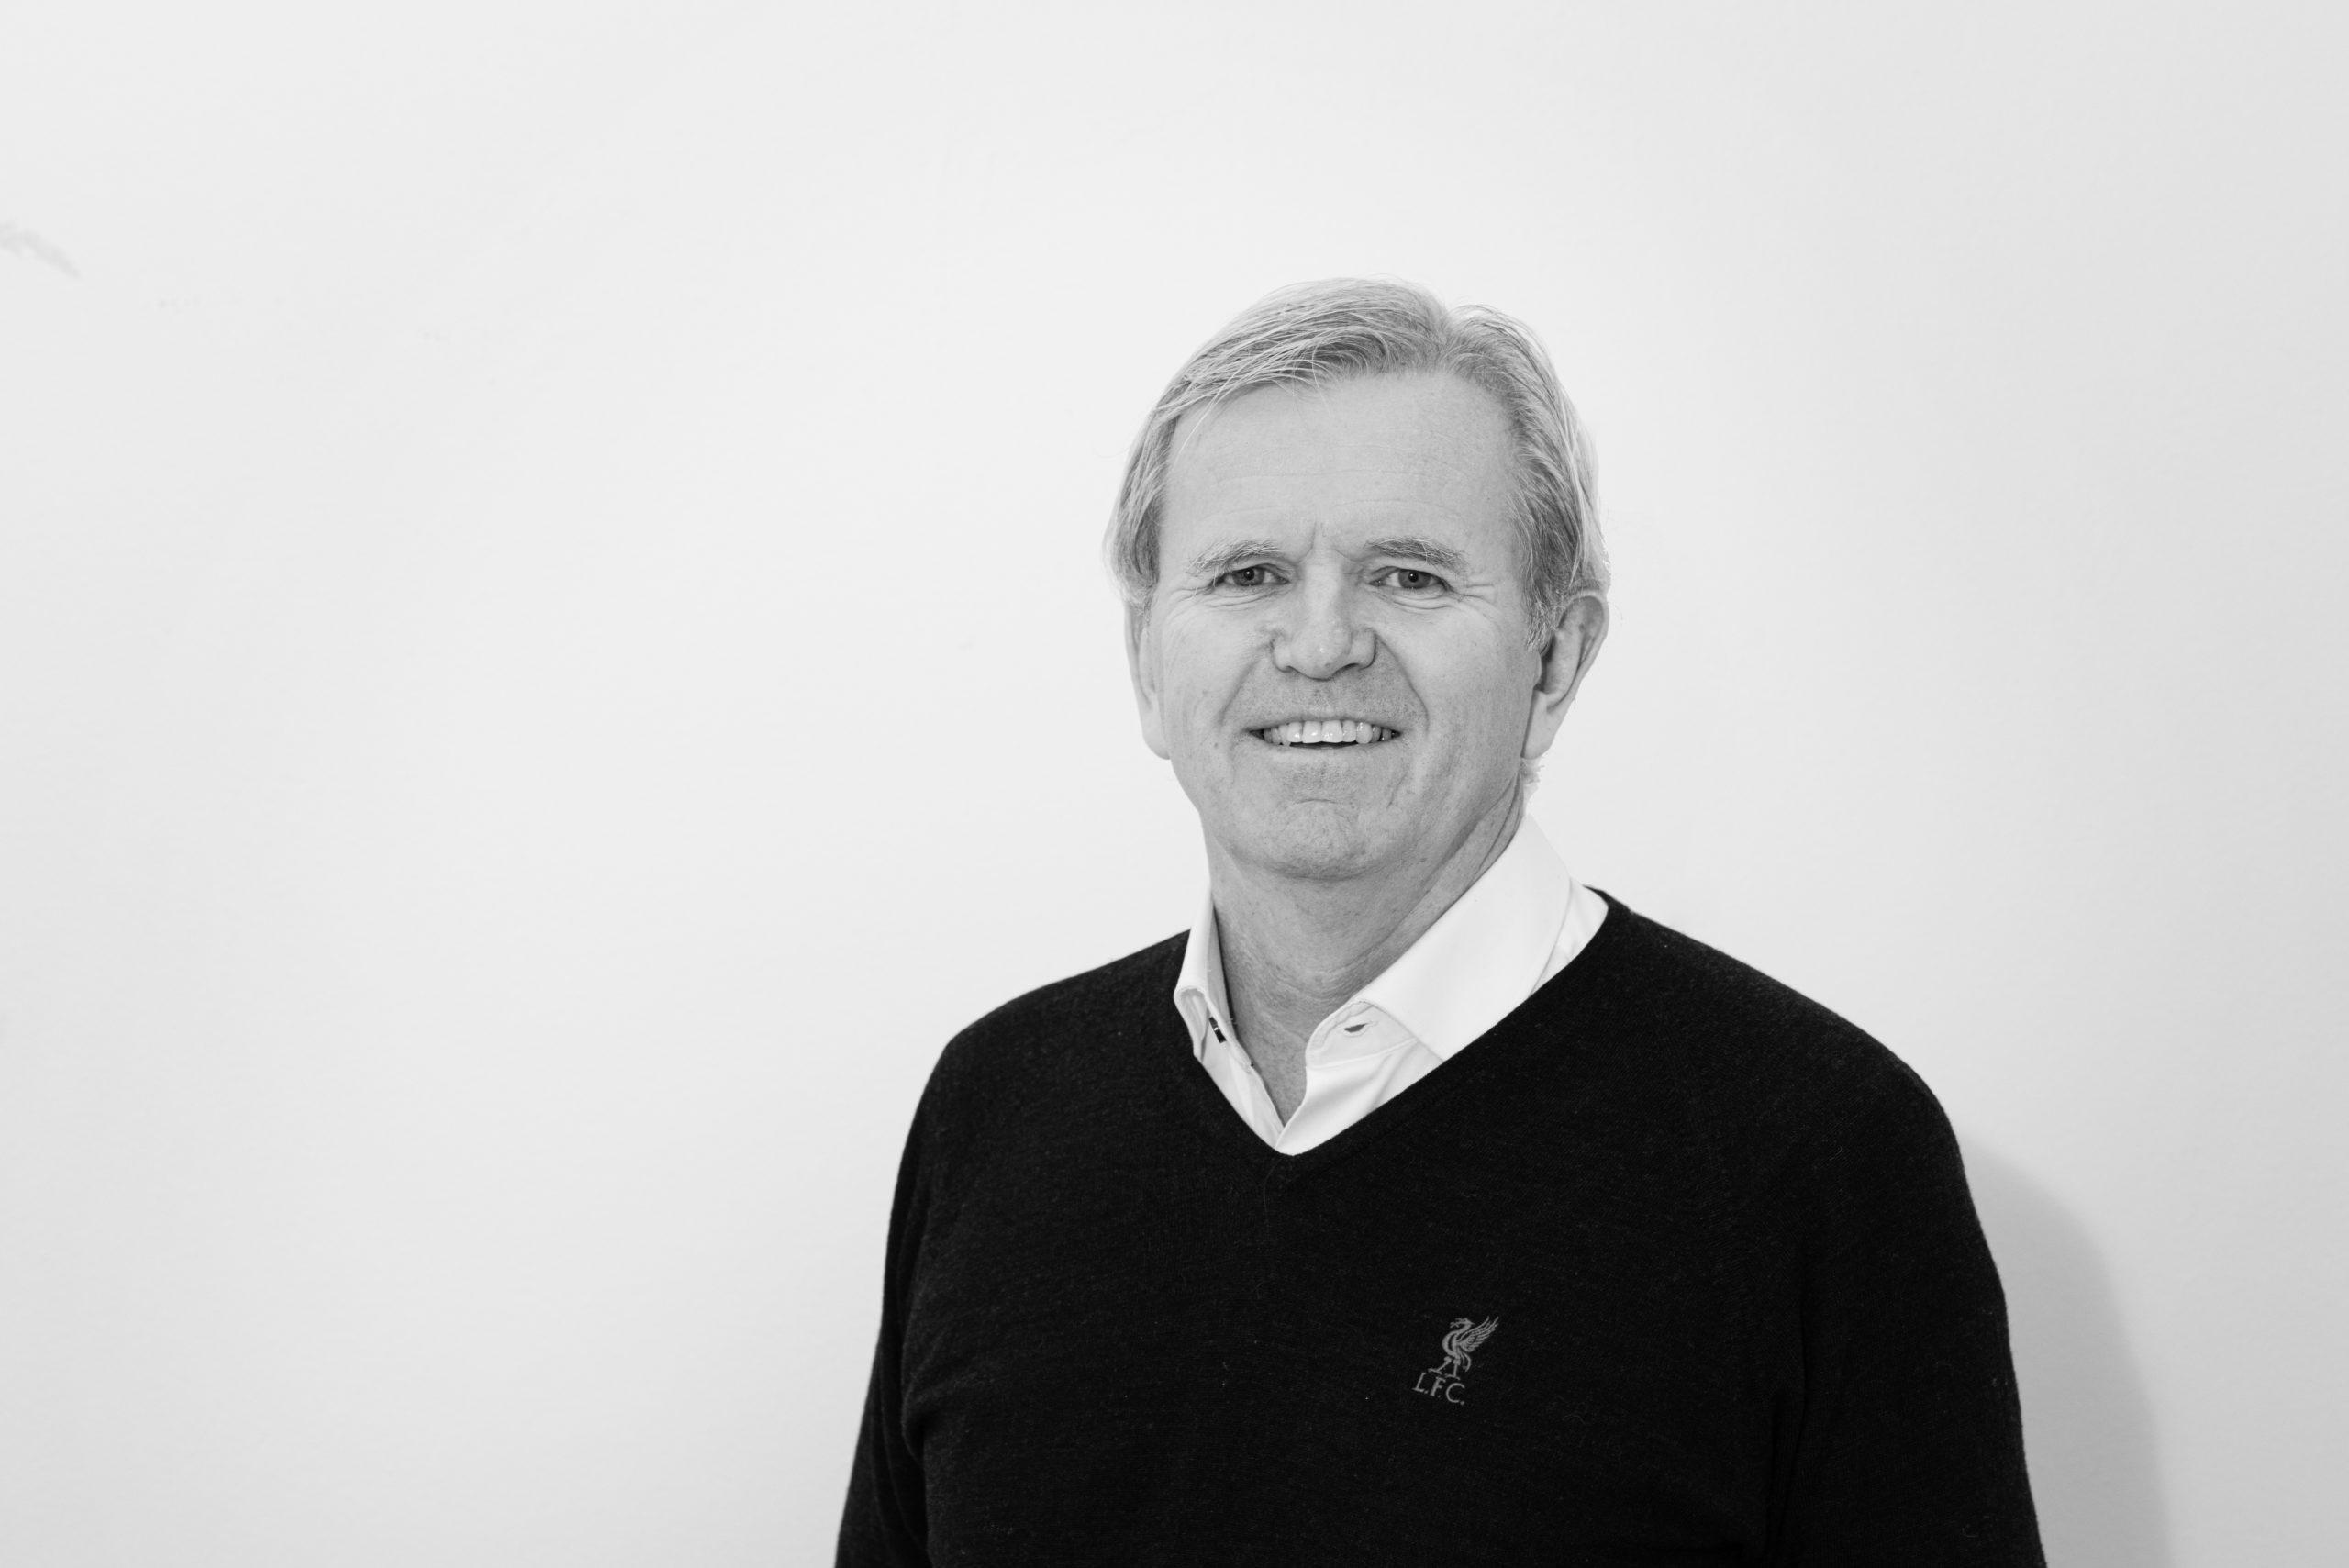 Erik Gjævert